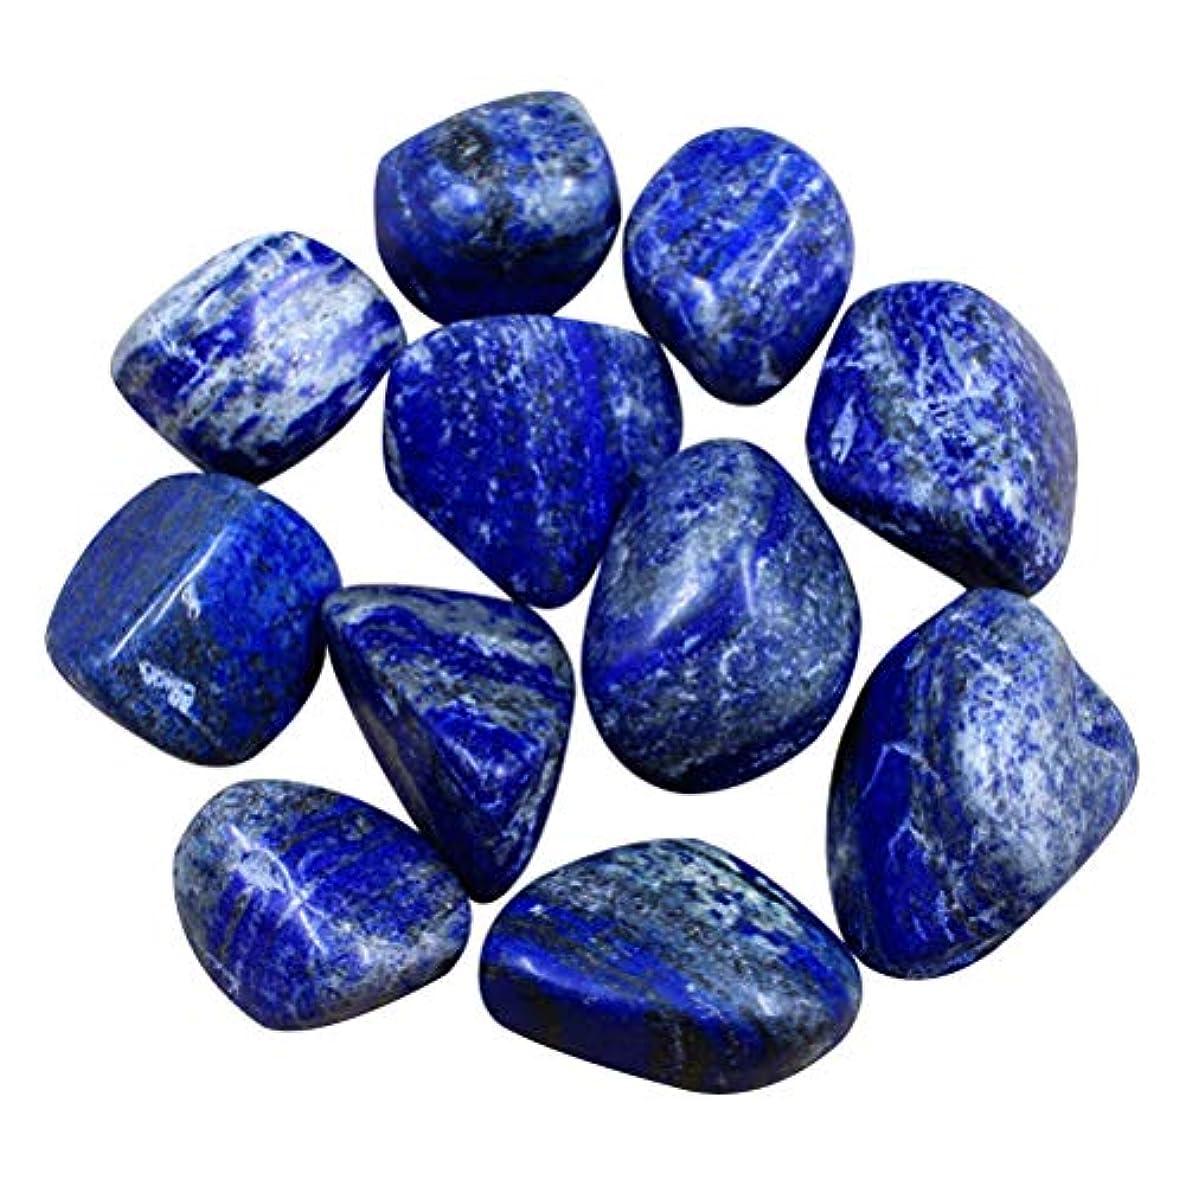 知り合いになるタフところでSUPVOX 10個の天然石石落ち石の癒しReikiクリスタルジュエリー自然の岩ホームデコレーション花瓶植物を作る